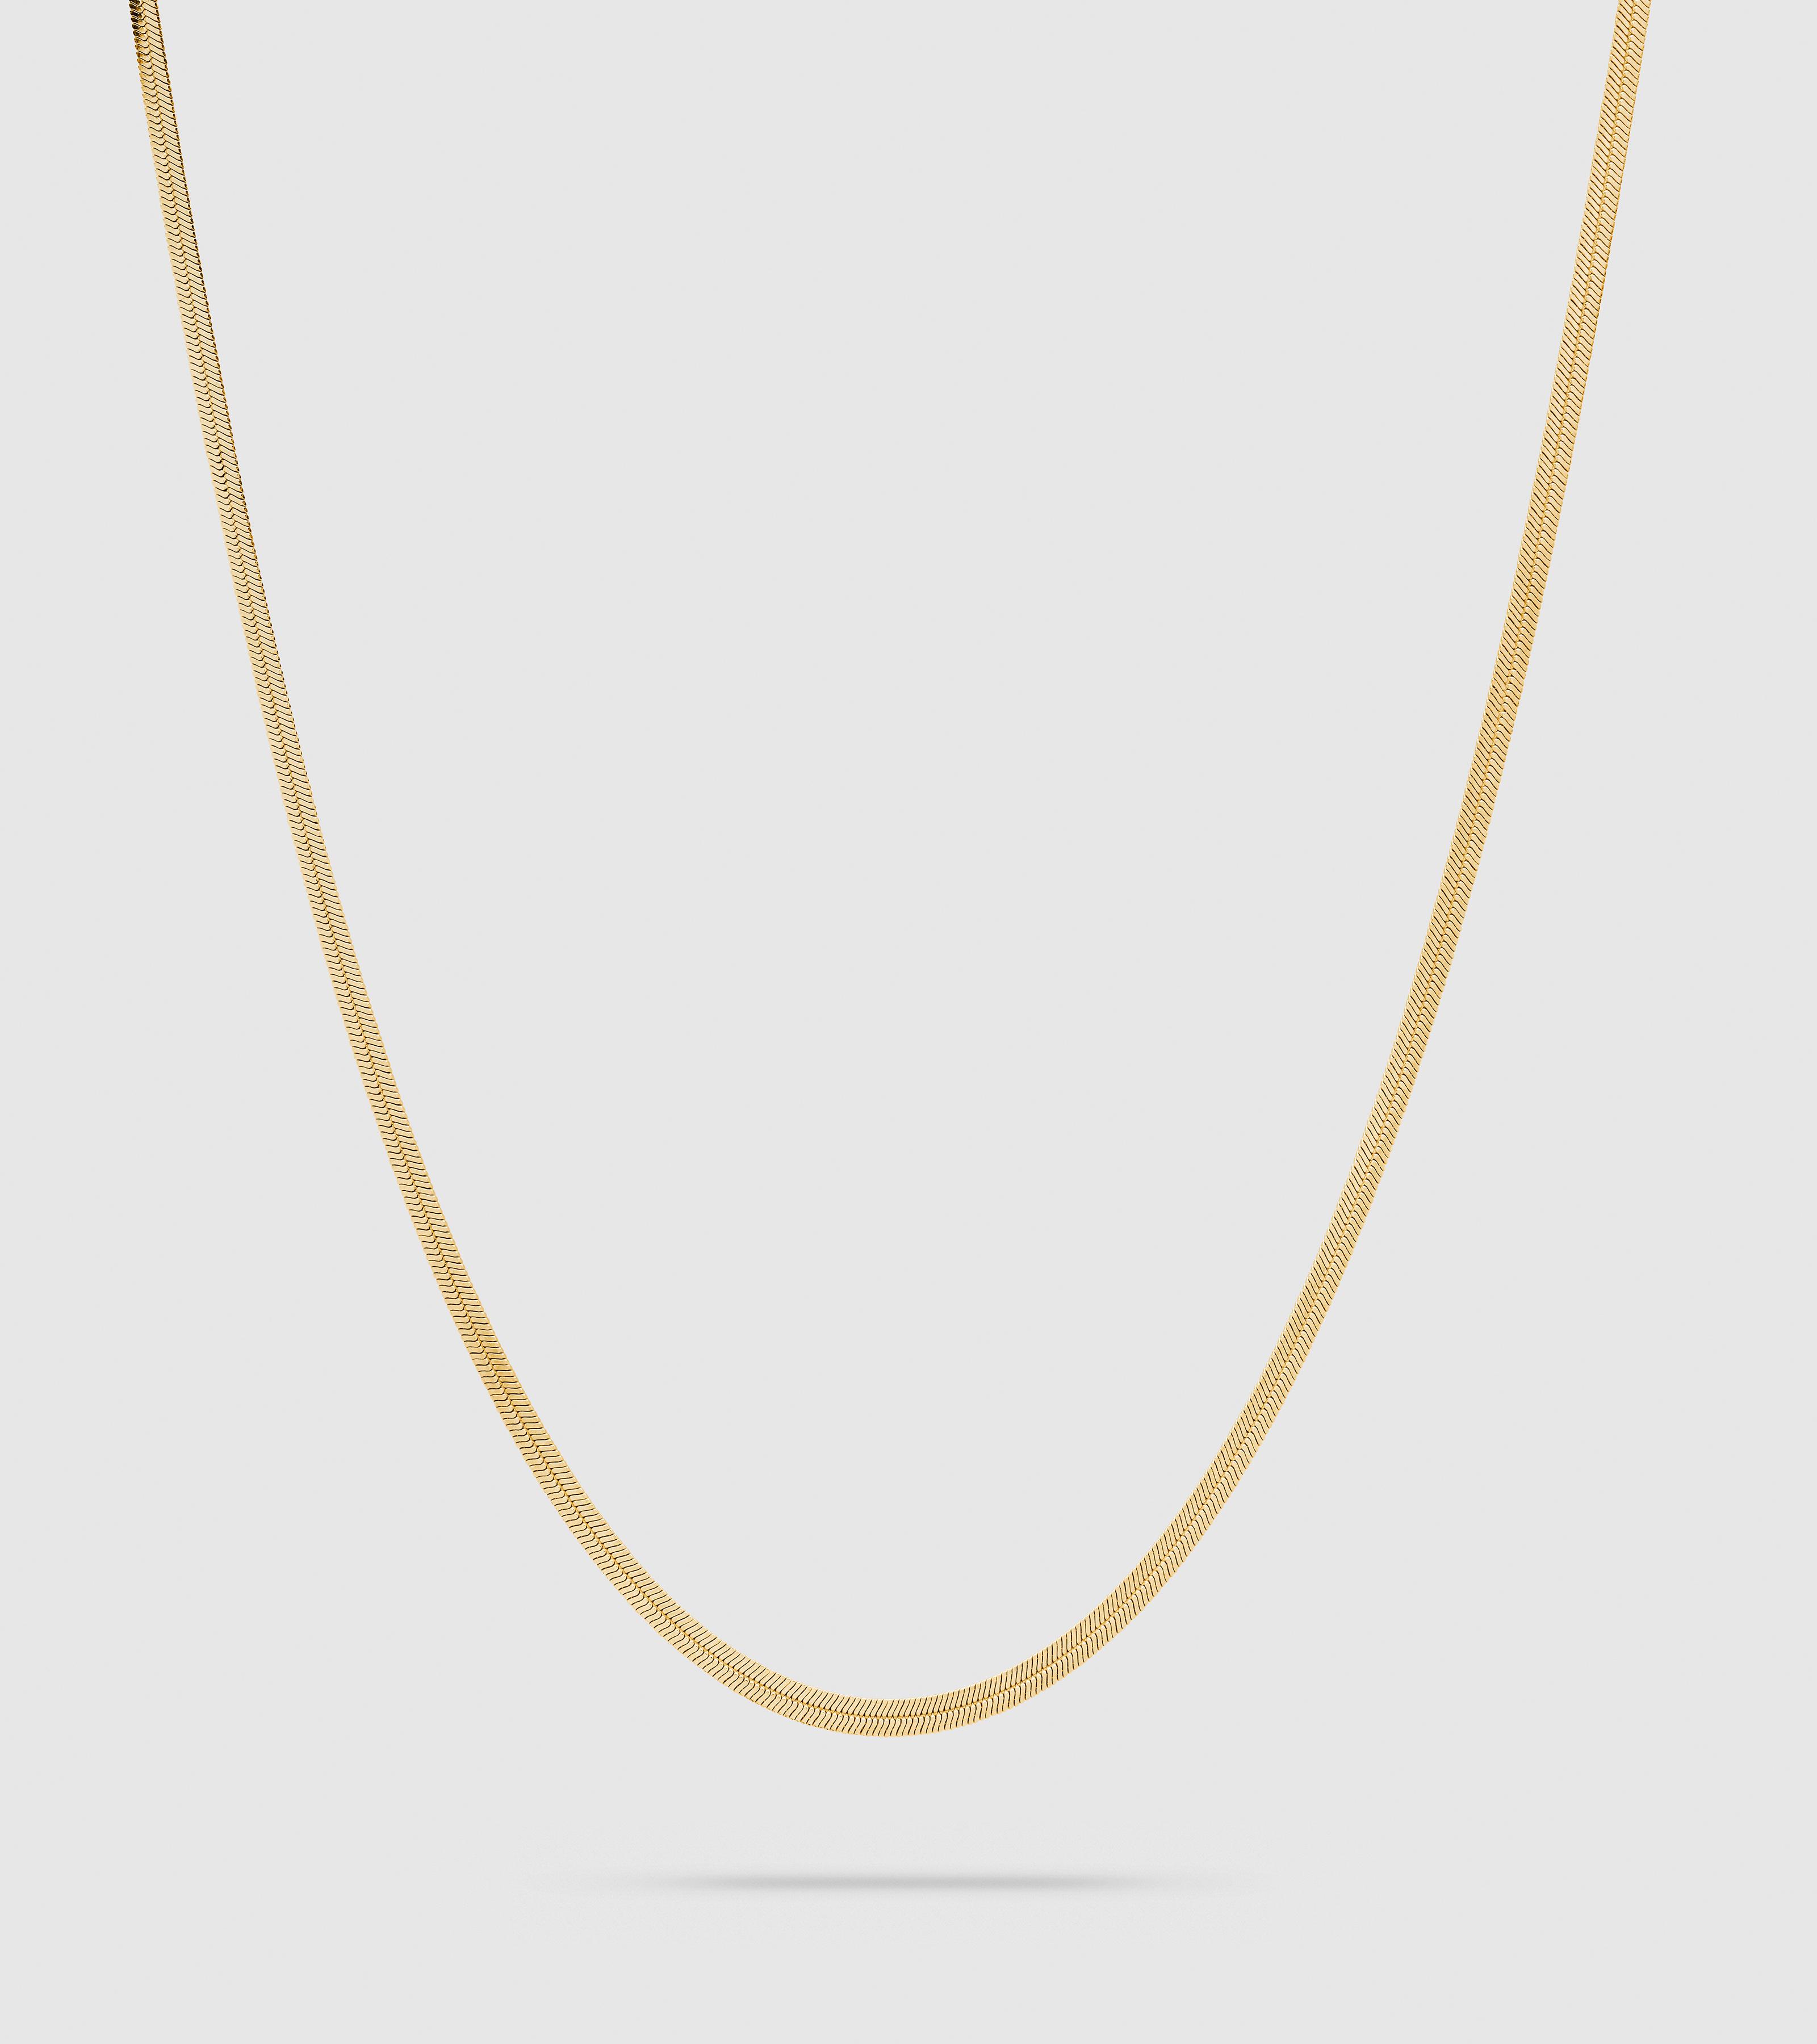 Herringbone Chain Gold